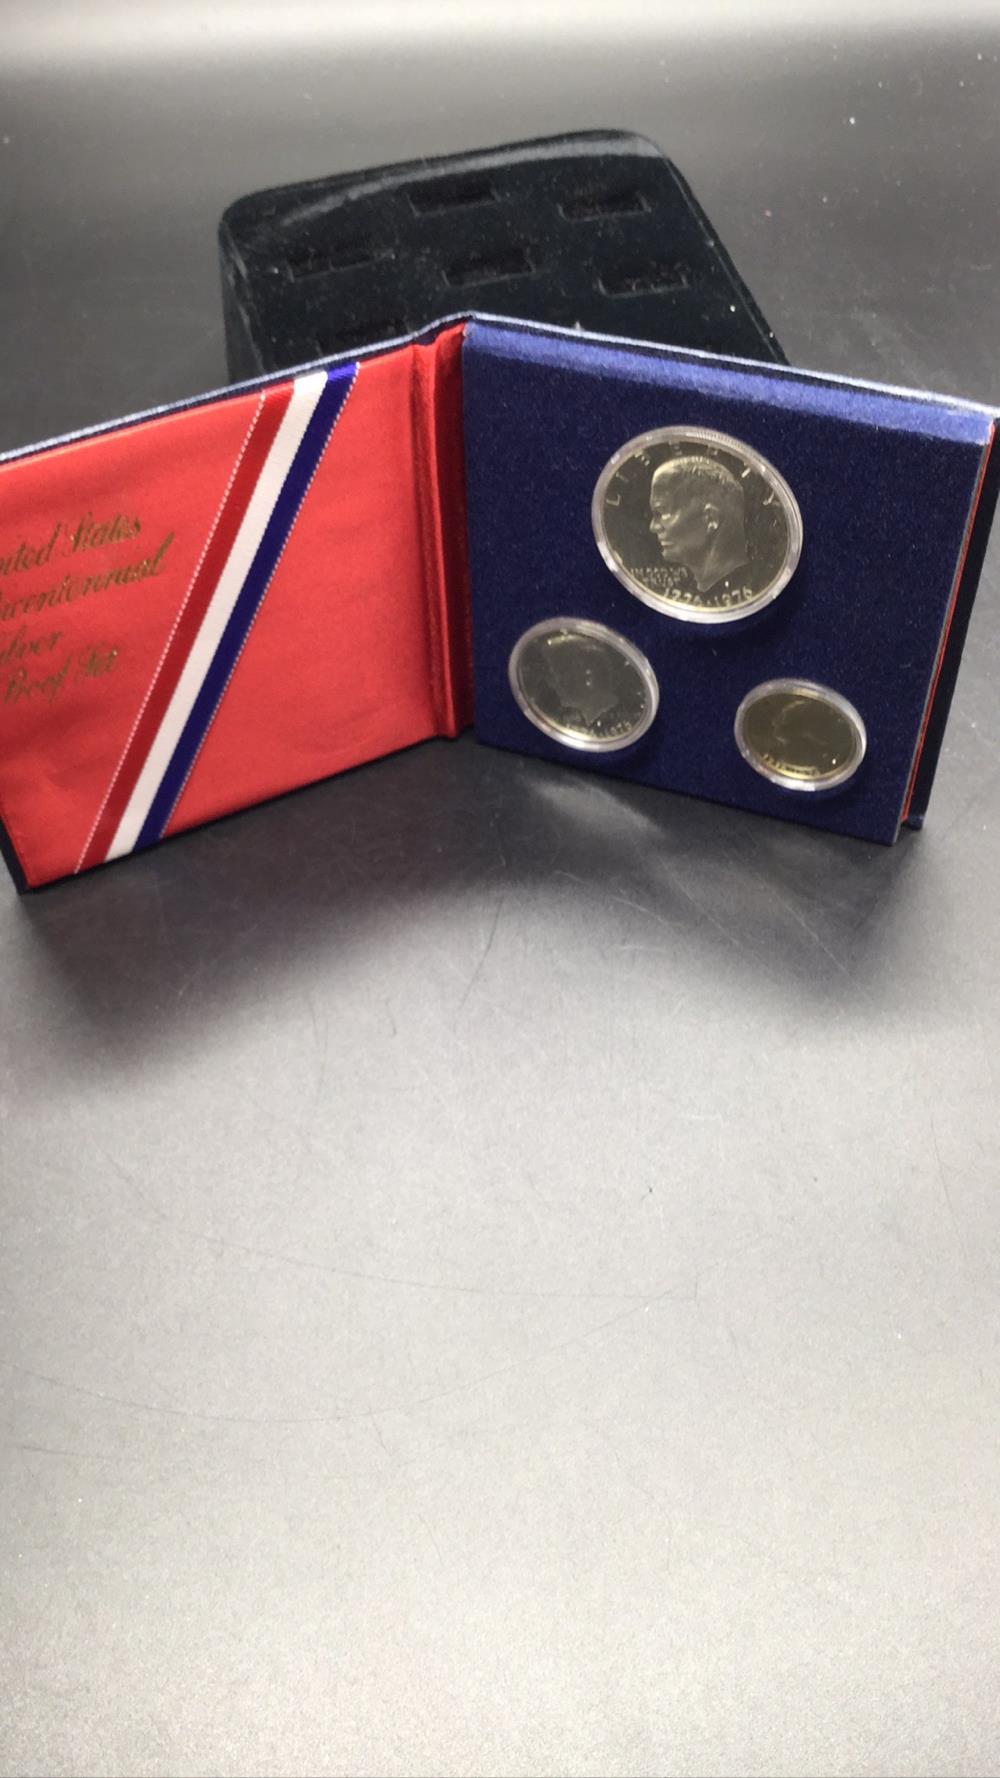 Lot 142: Bicentennial silver proof set